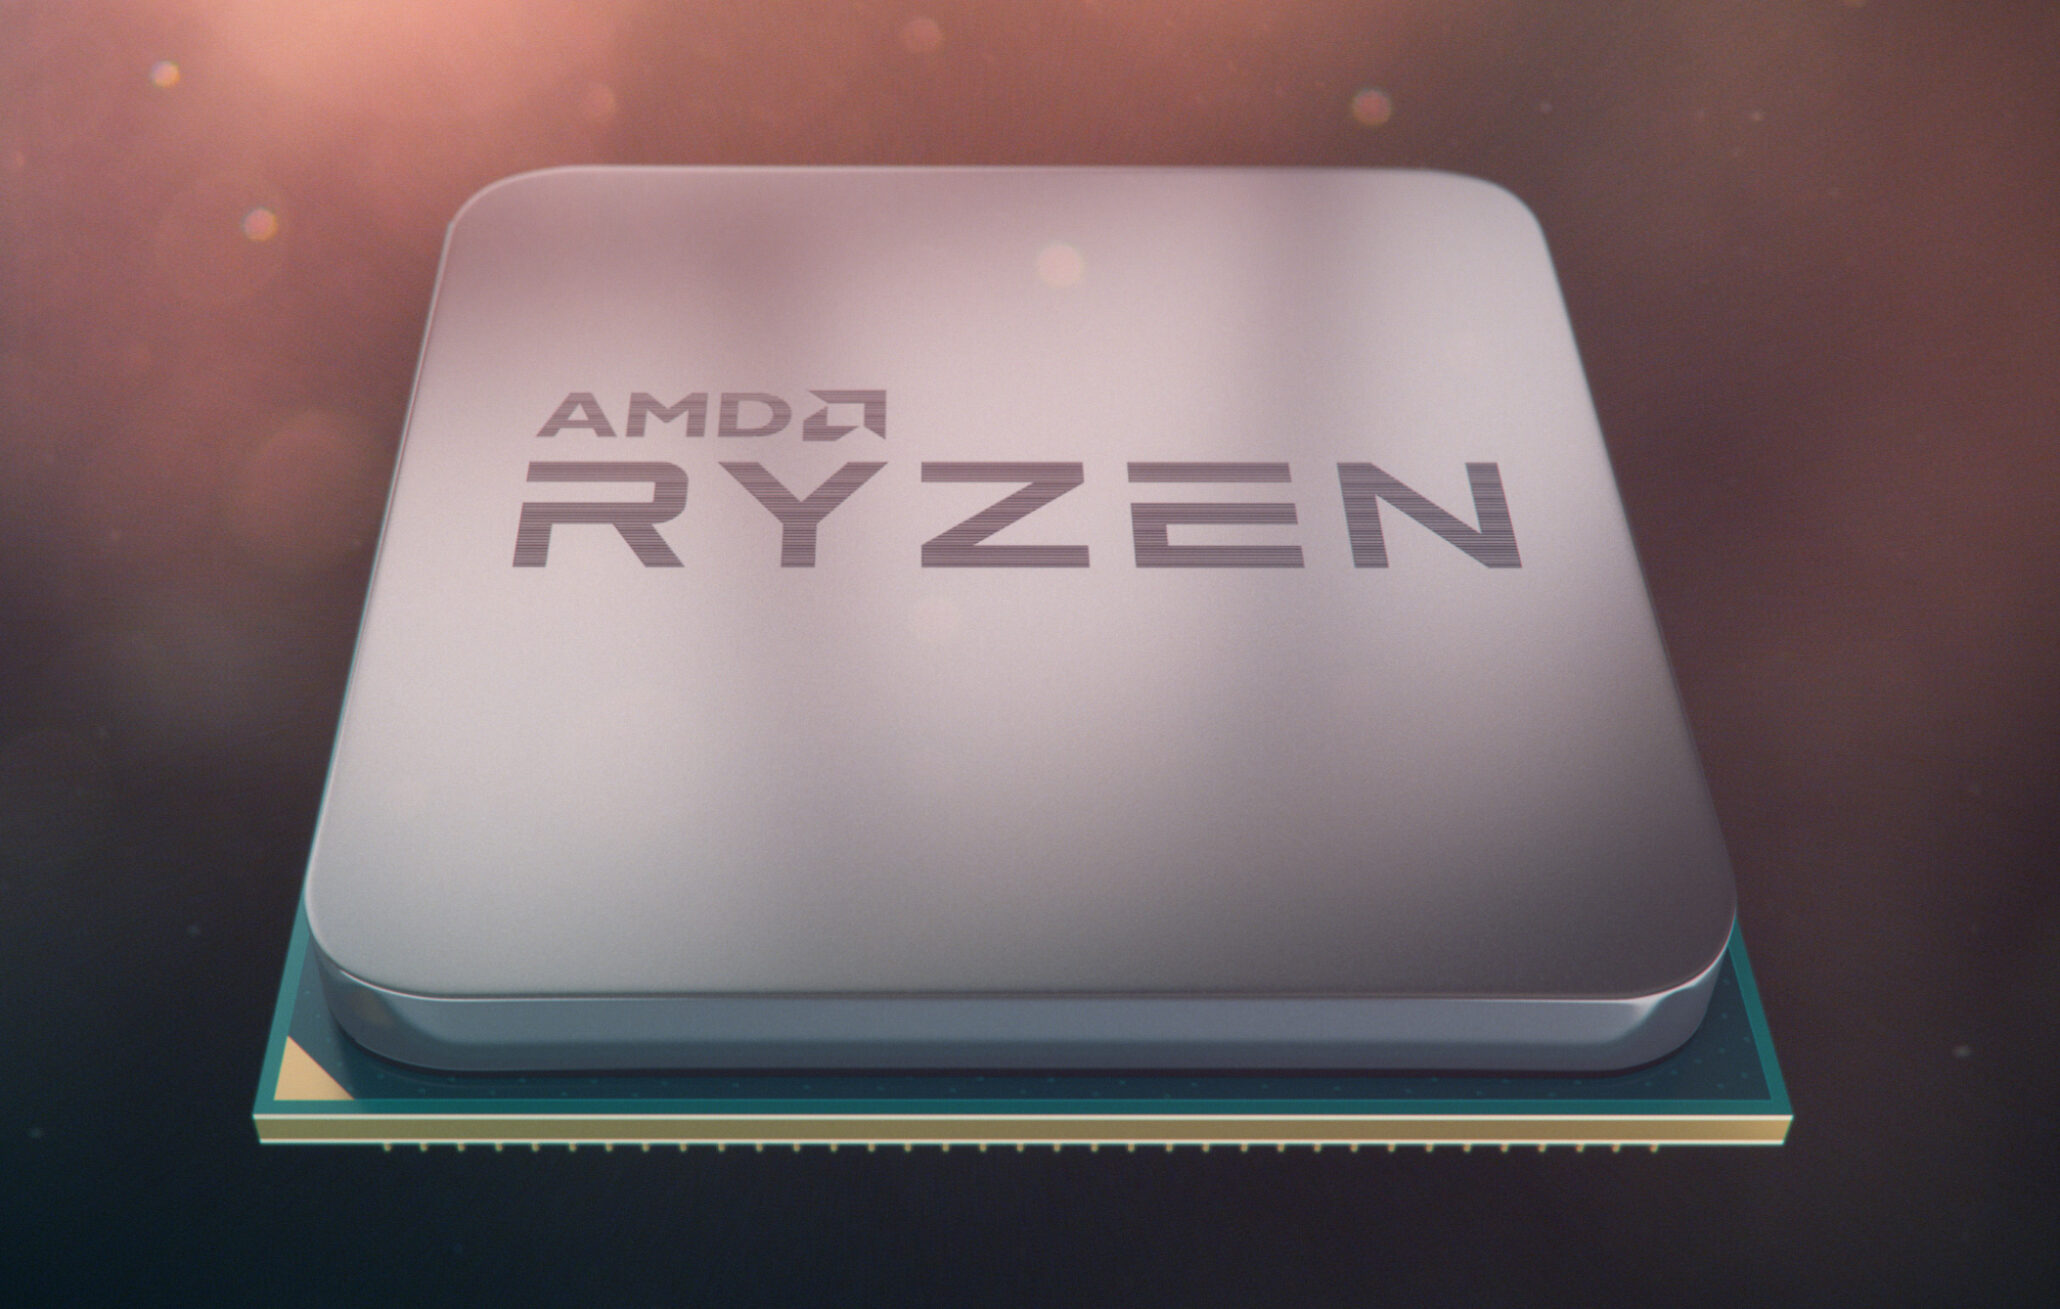 AMD Ryzen 7 1800X Achieves CPU World Record in Cinebench R15